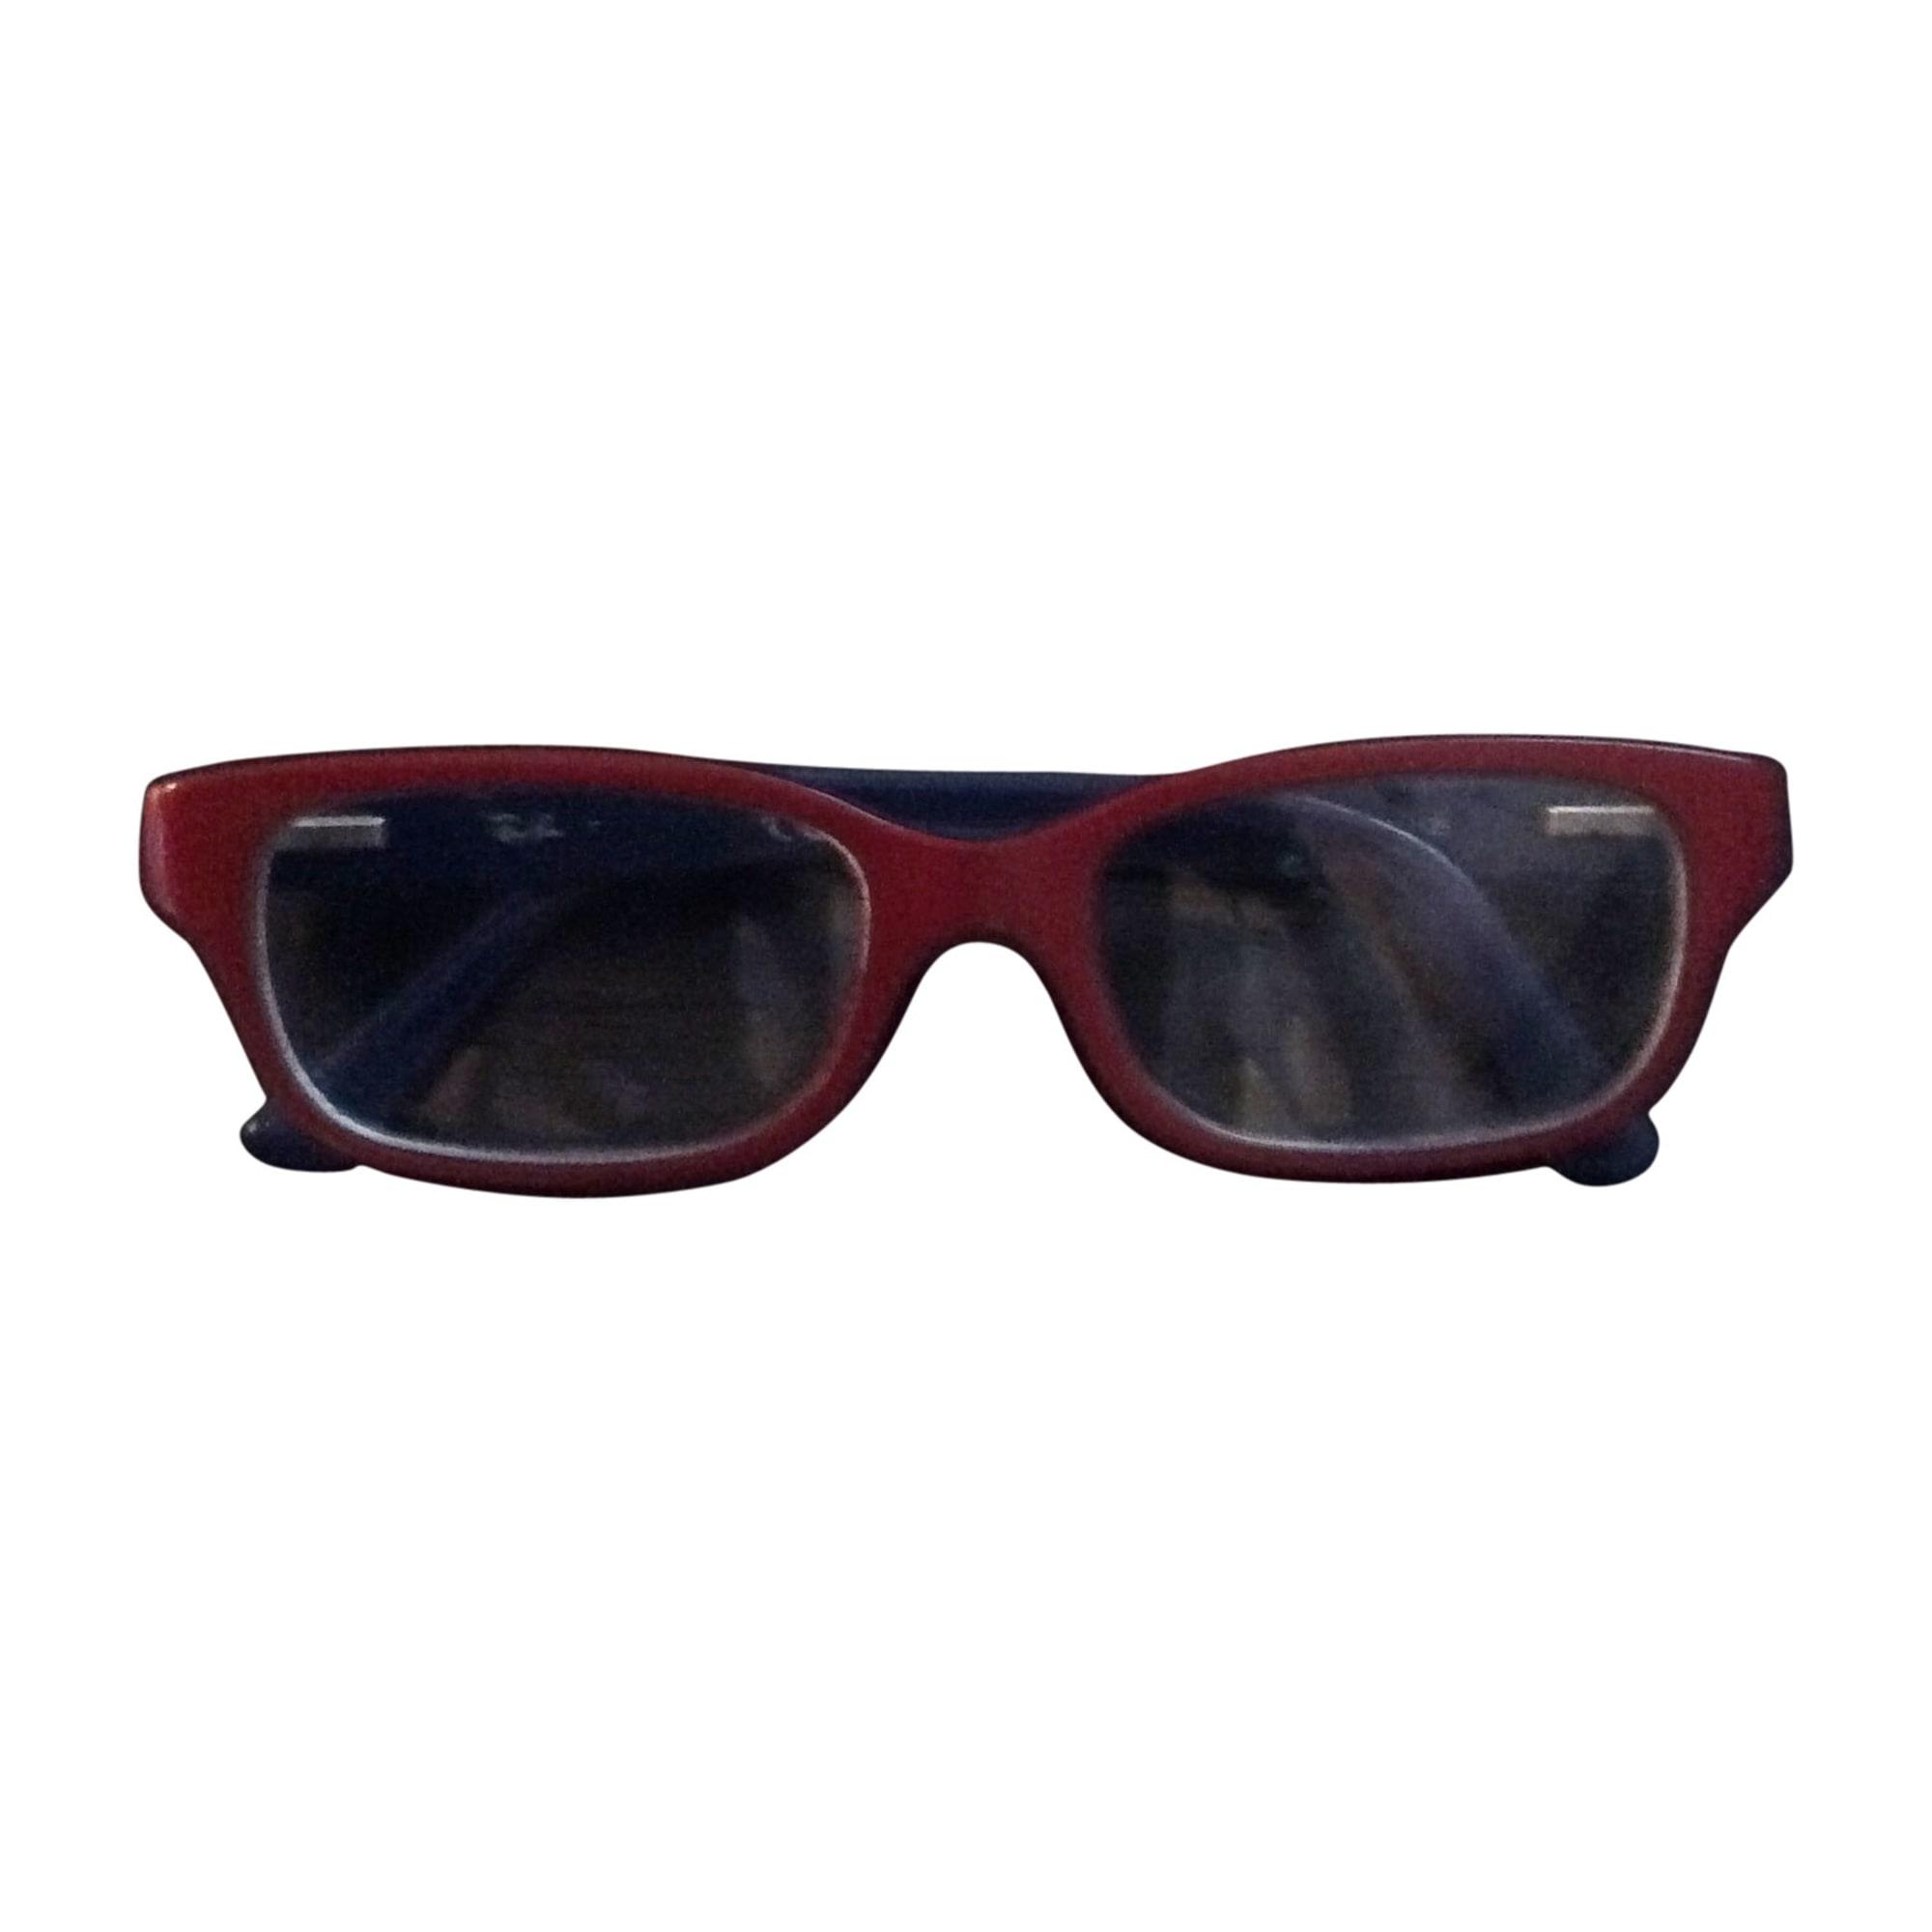 5478252df5985c Monture de lunettes RAY-BAN 9-10 ans rouge - 4305523